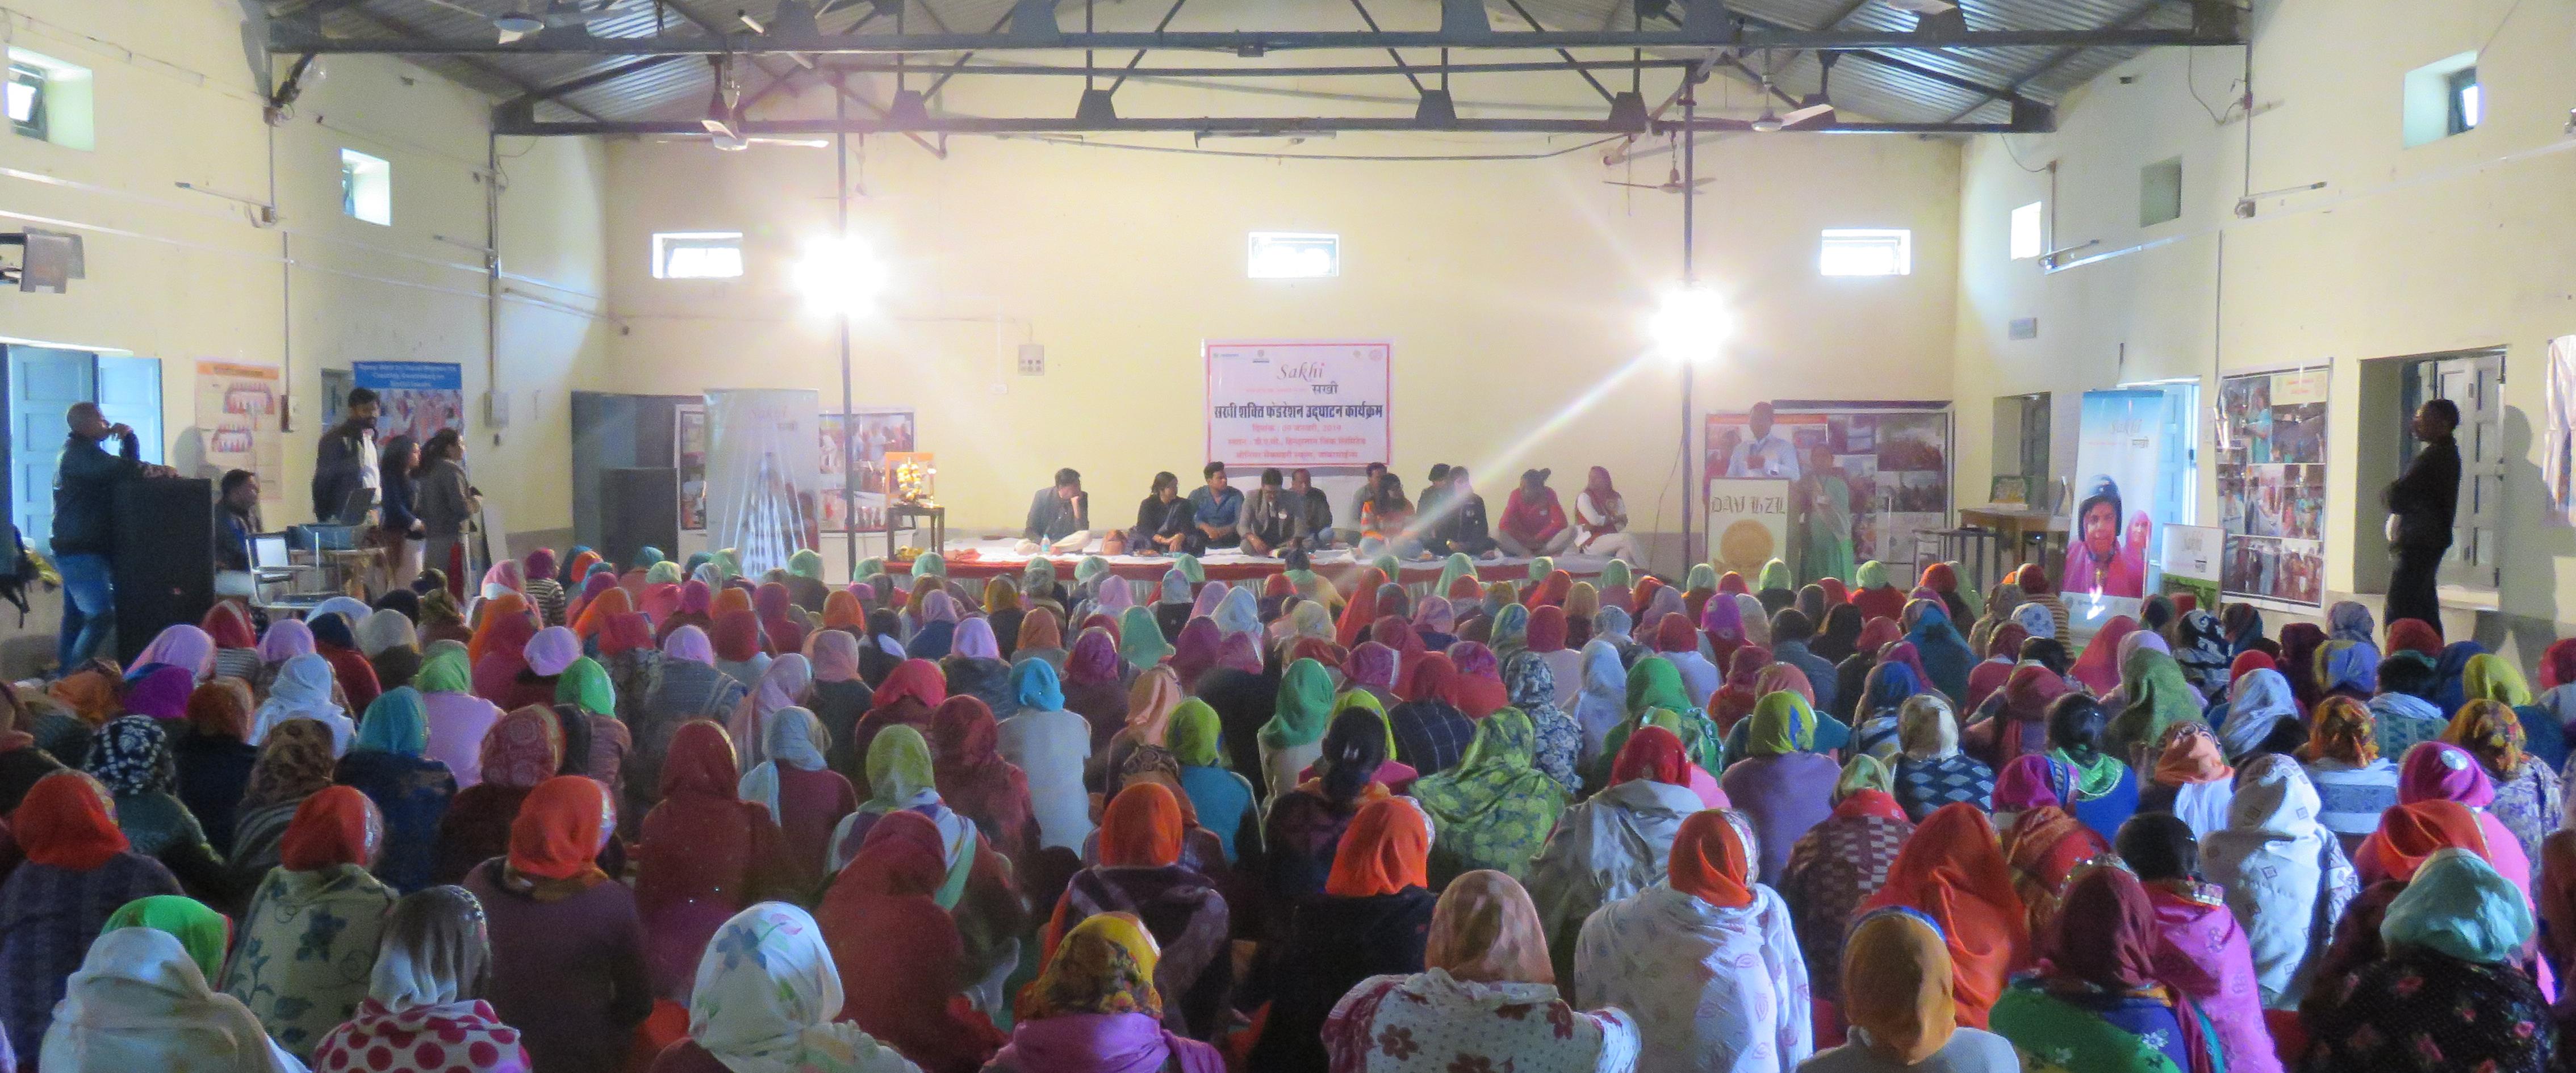 हिन्दुस्तान जिंक जावर में सखी शक्ति महासंघ का उद्घाटन समारोह